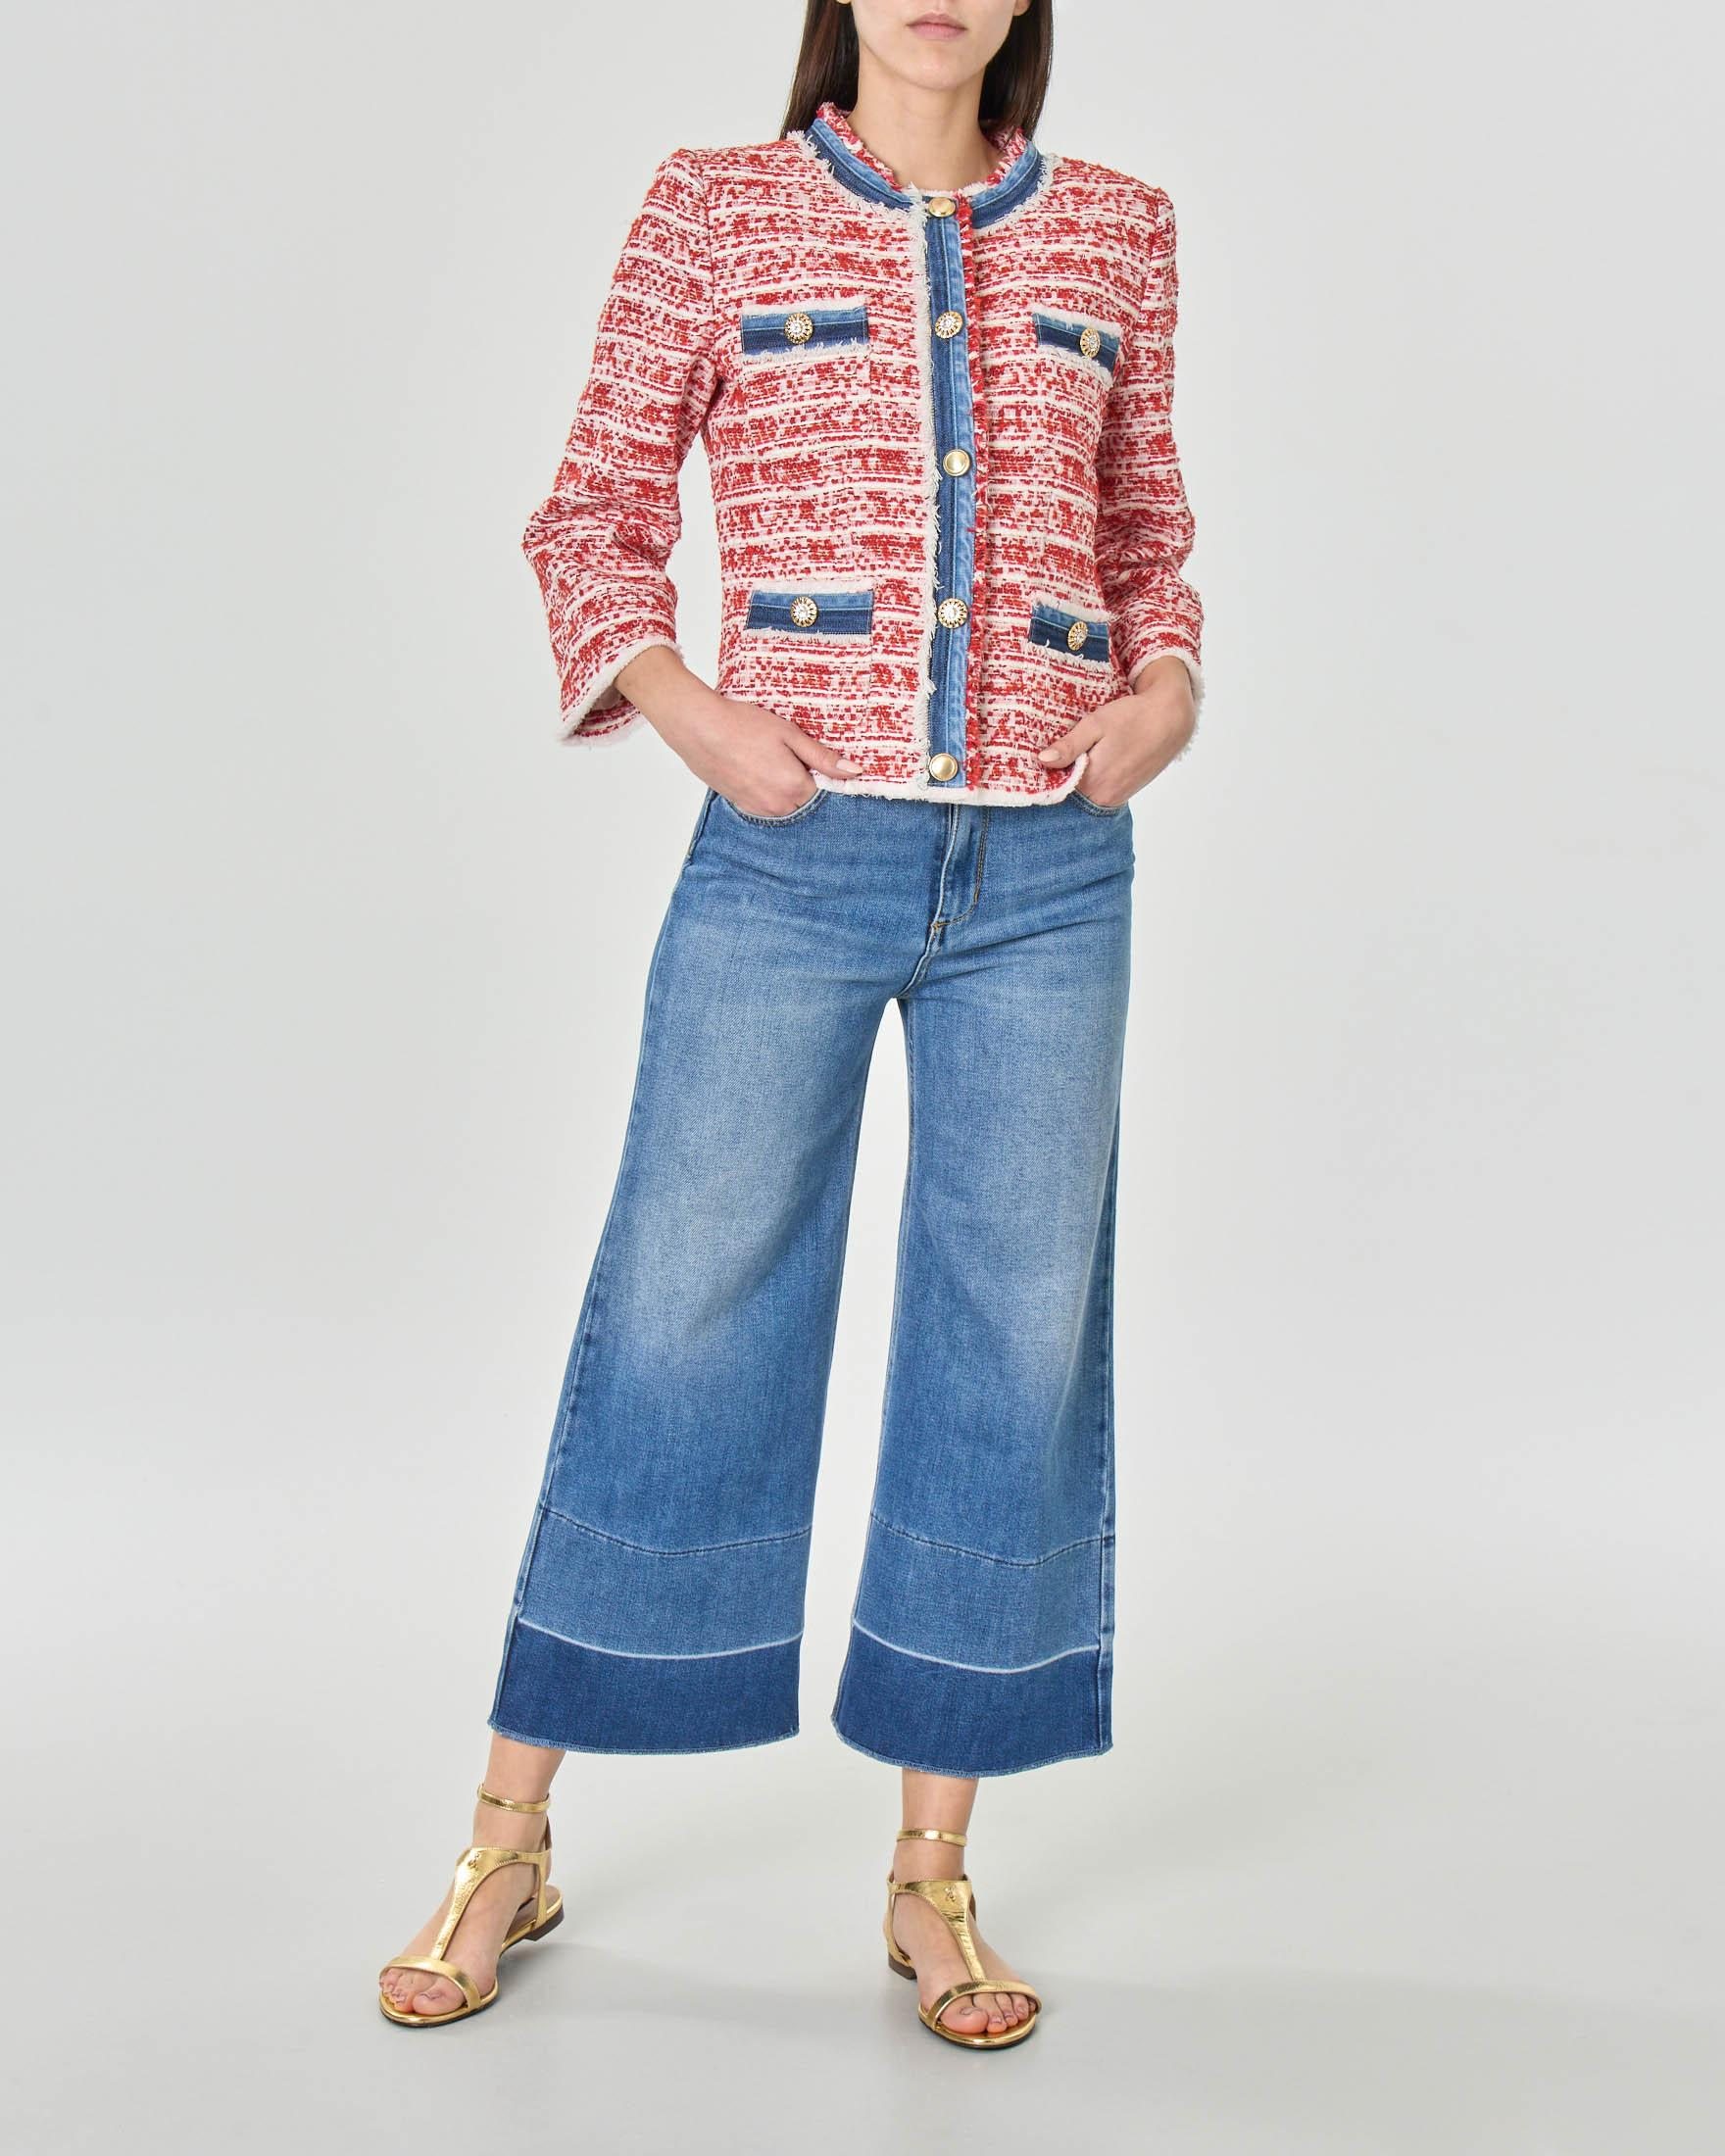 Giacca corta senza colletto in stuoia di misto cotone rosso con profili in denim